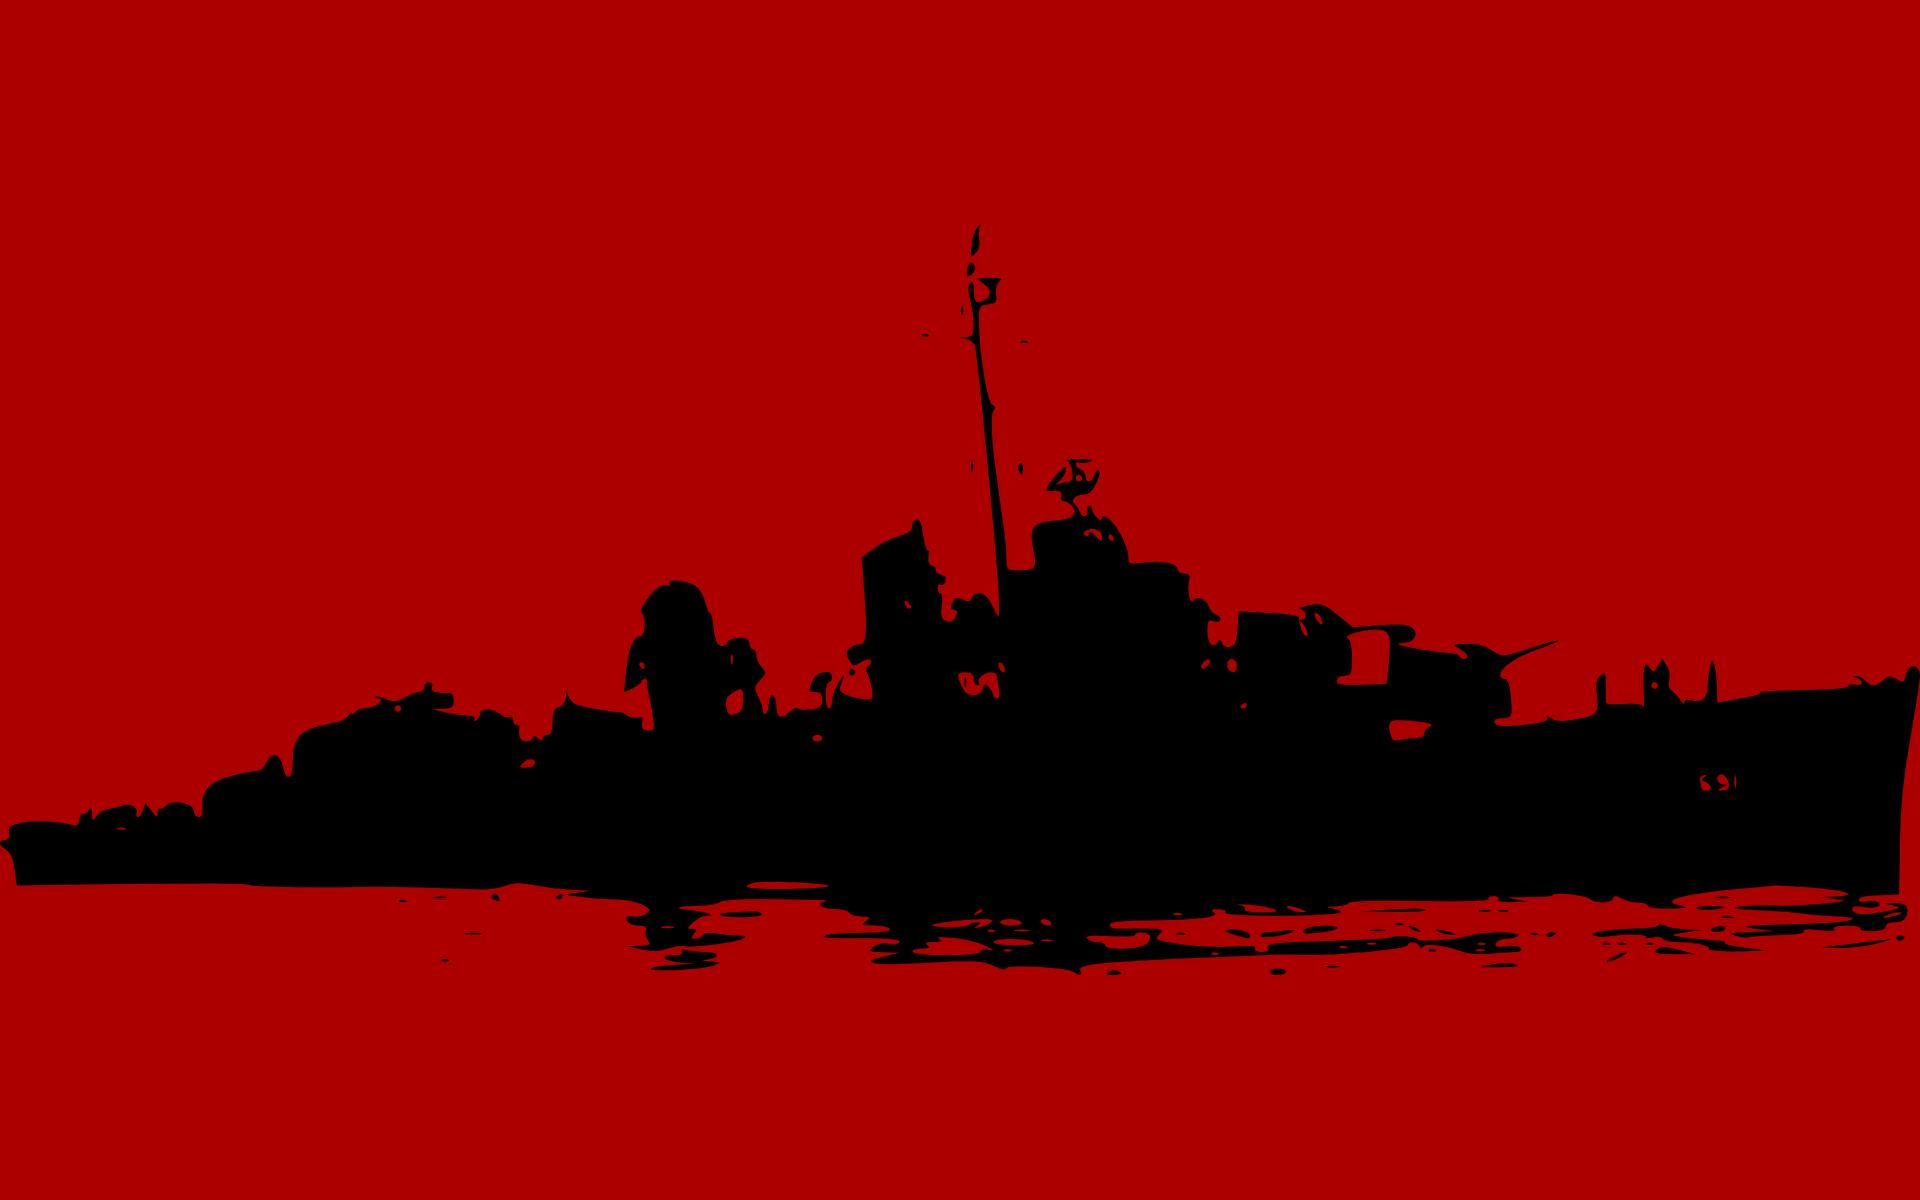 【シリーズ・都市伝説】ジョークのような都市伝説「灯台と軍艦の都市伝説」